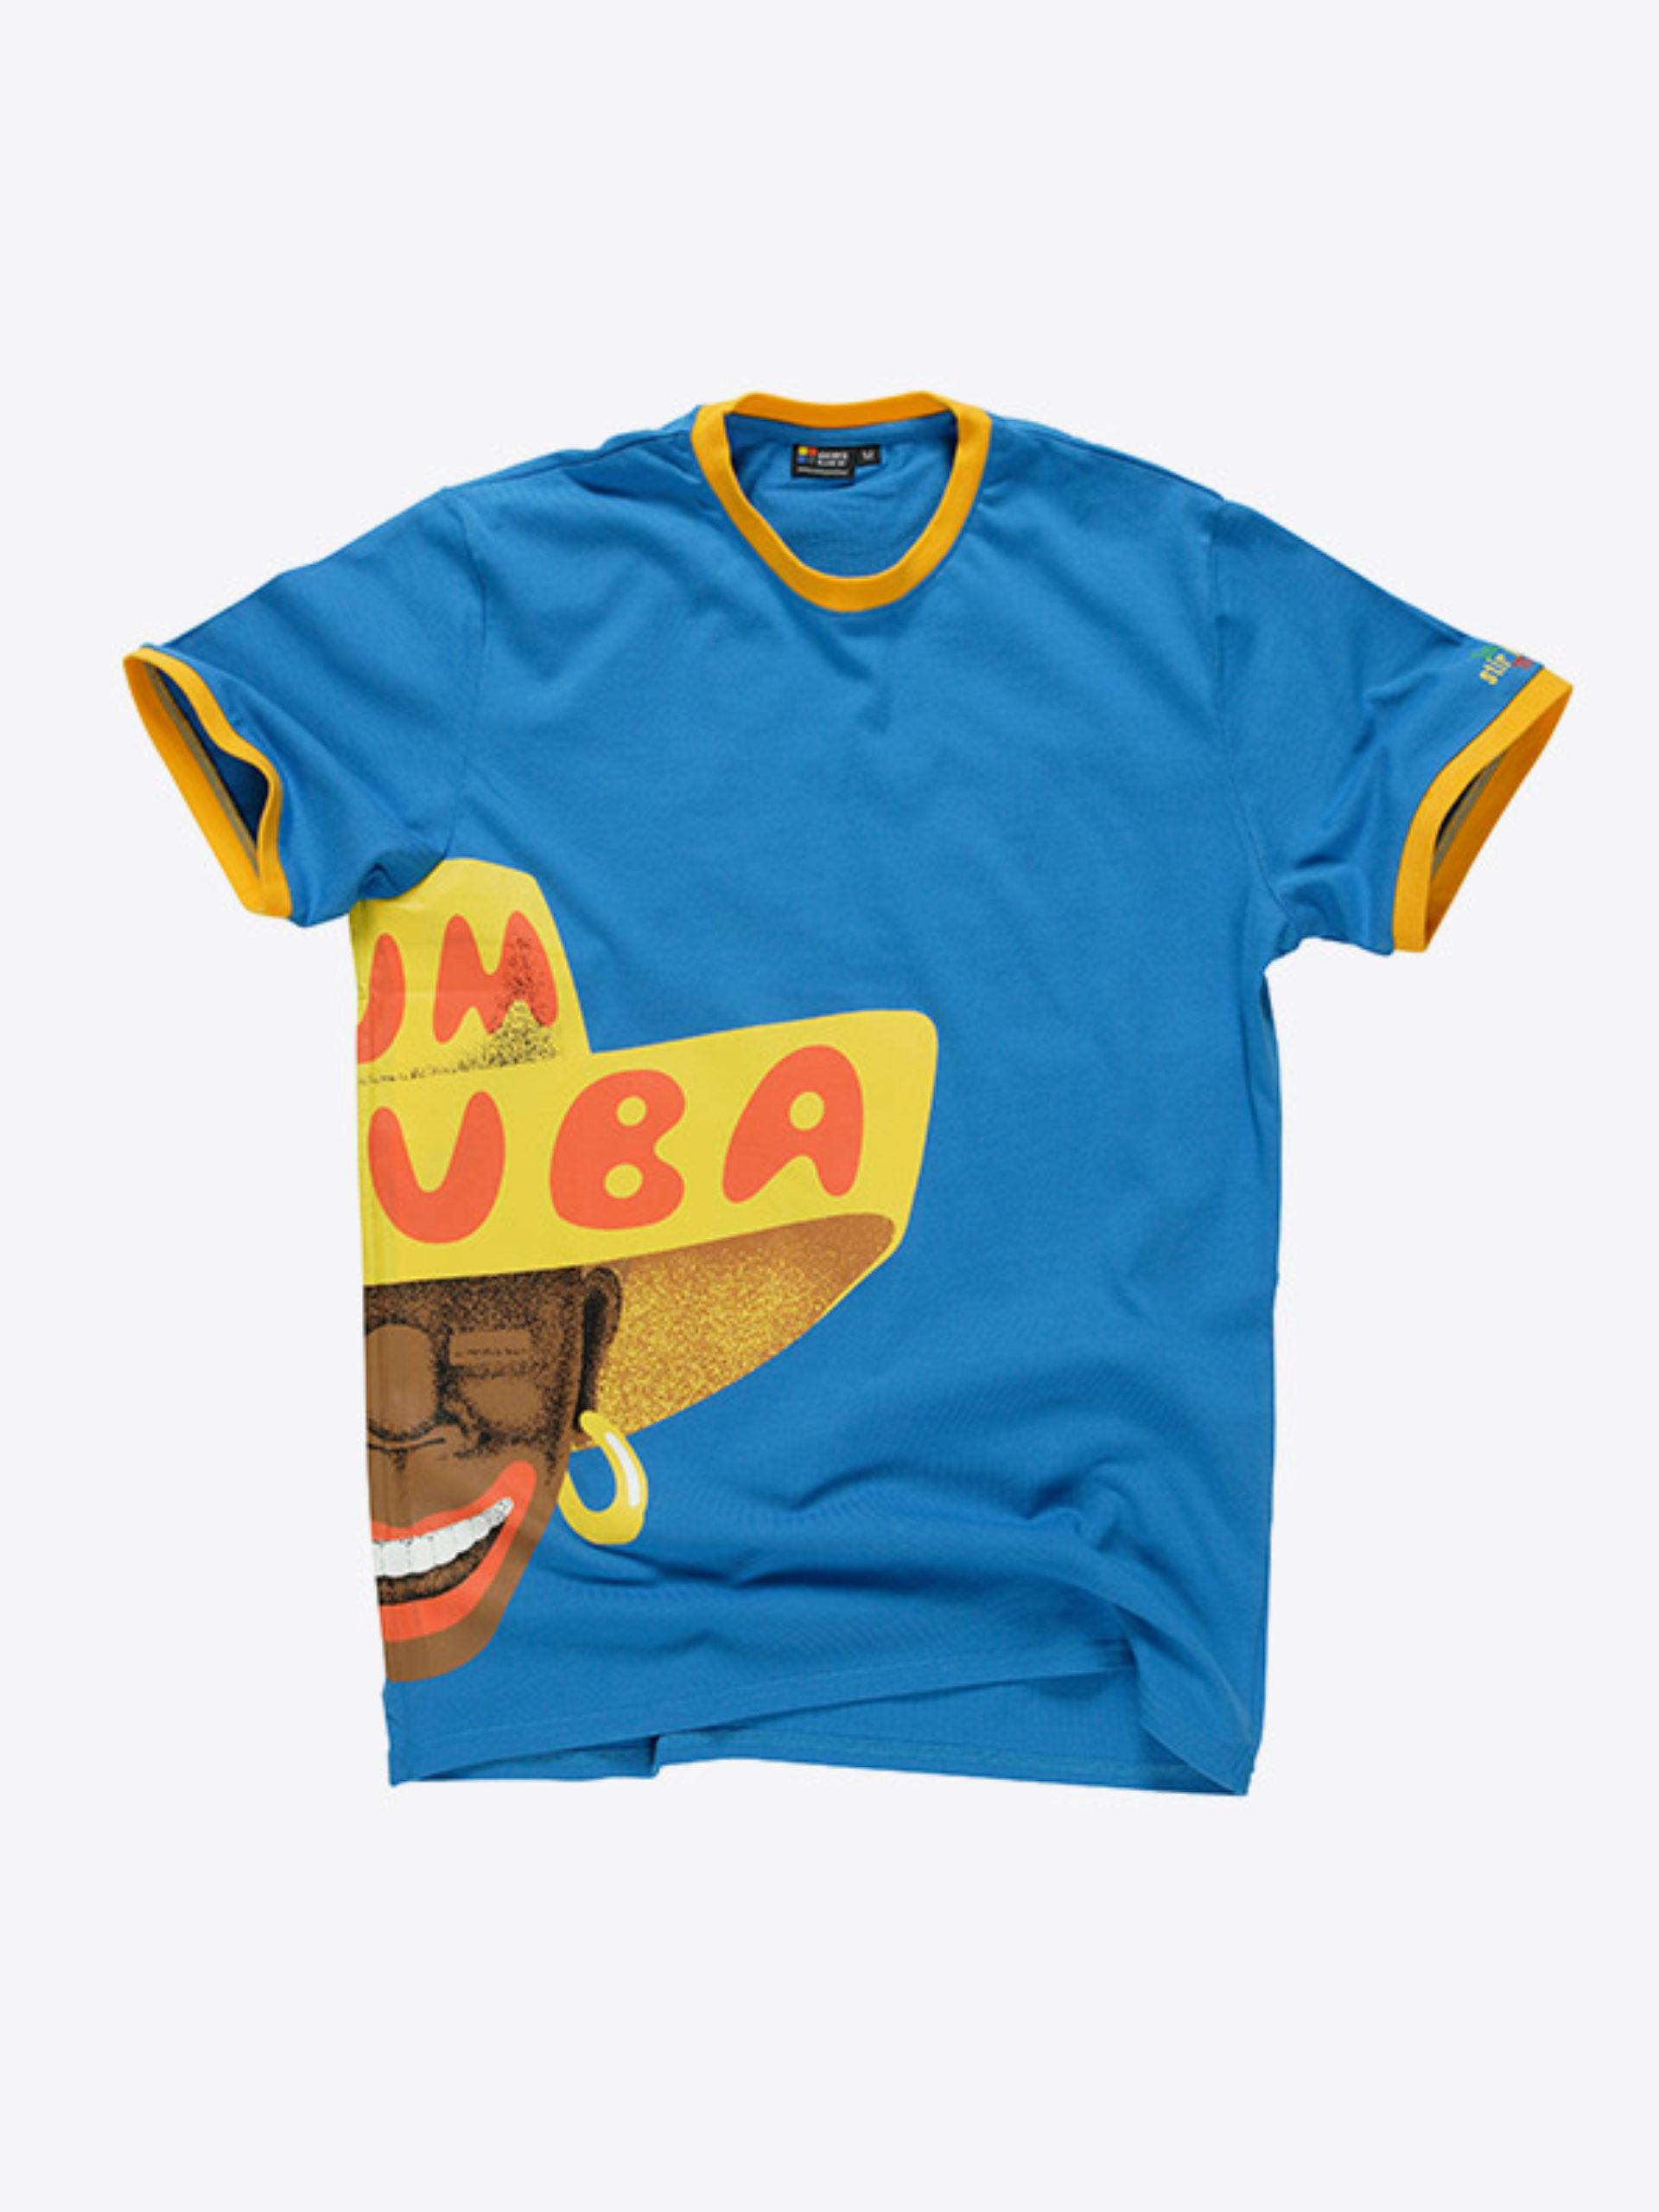 Herren T Shirt Selbst Gestalten